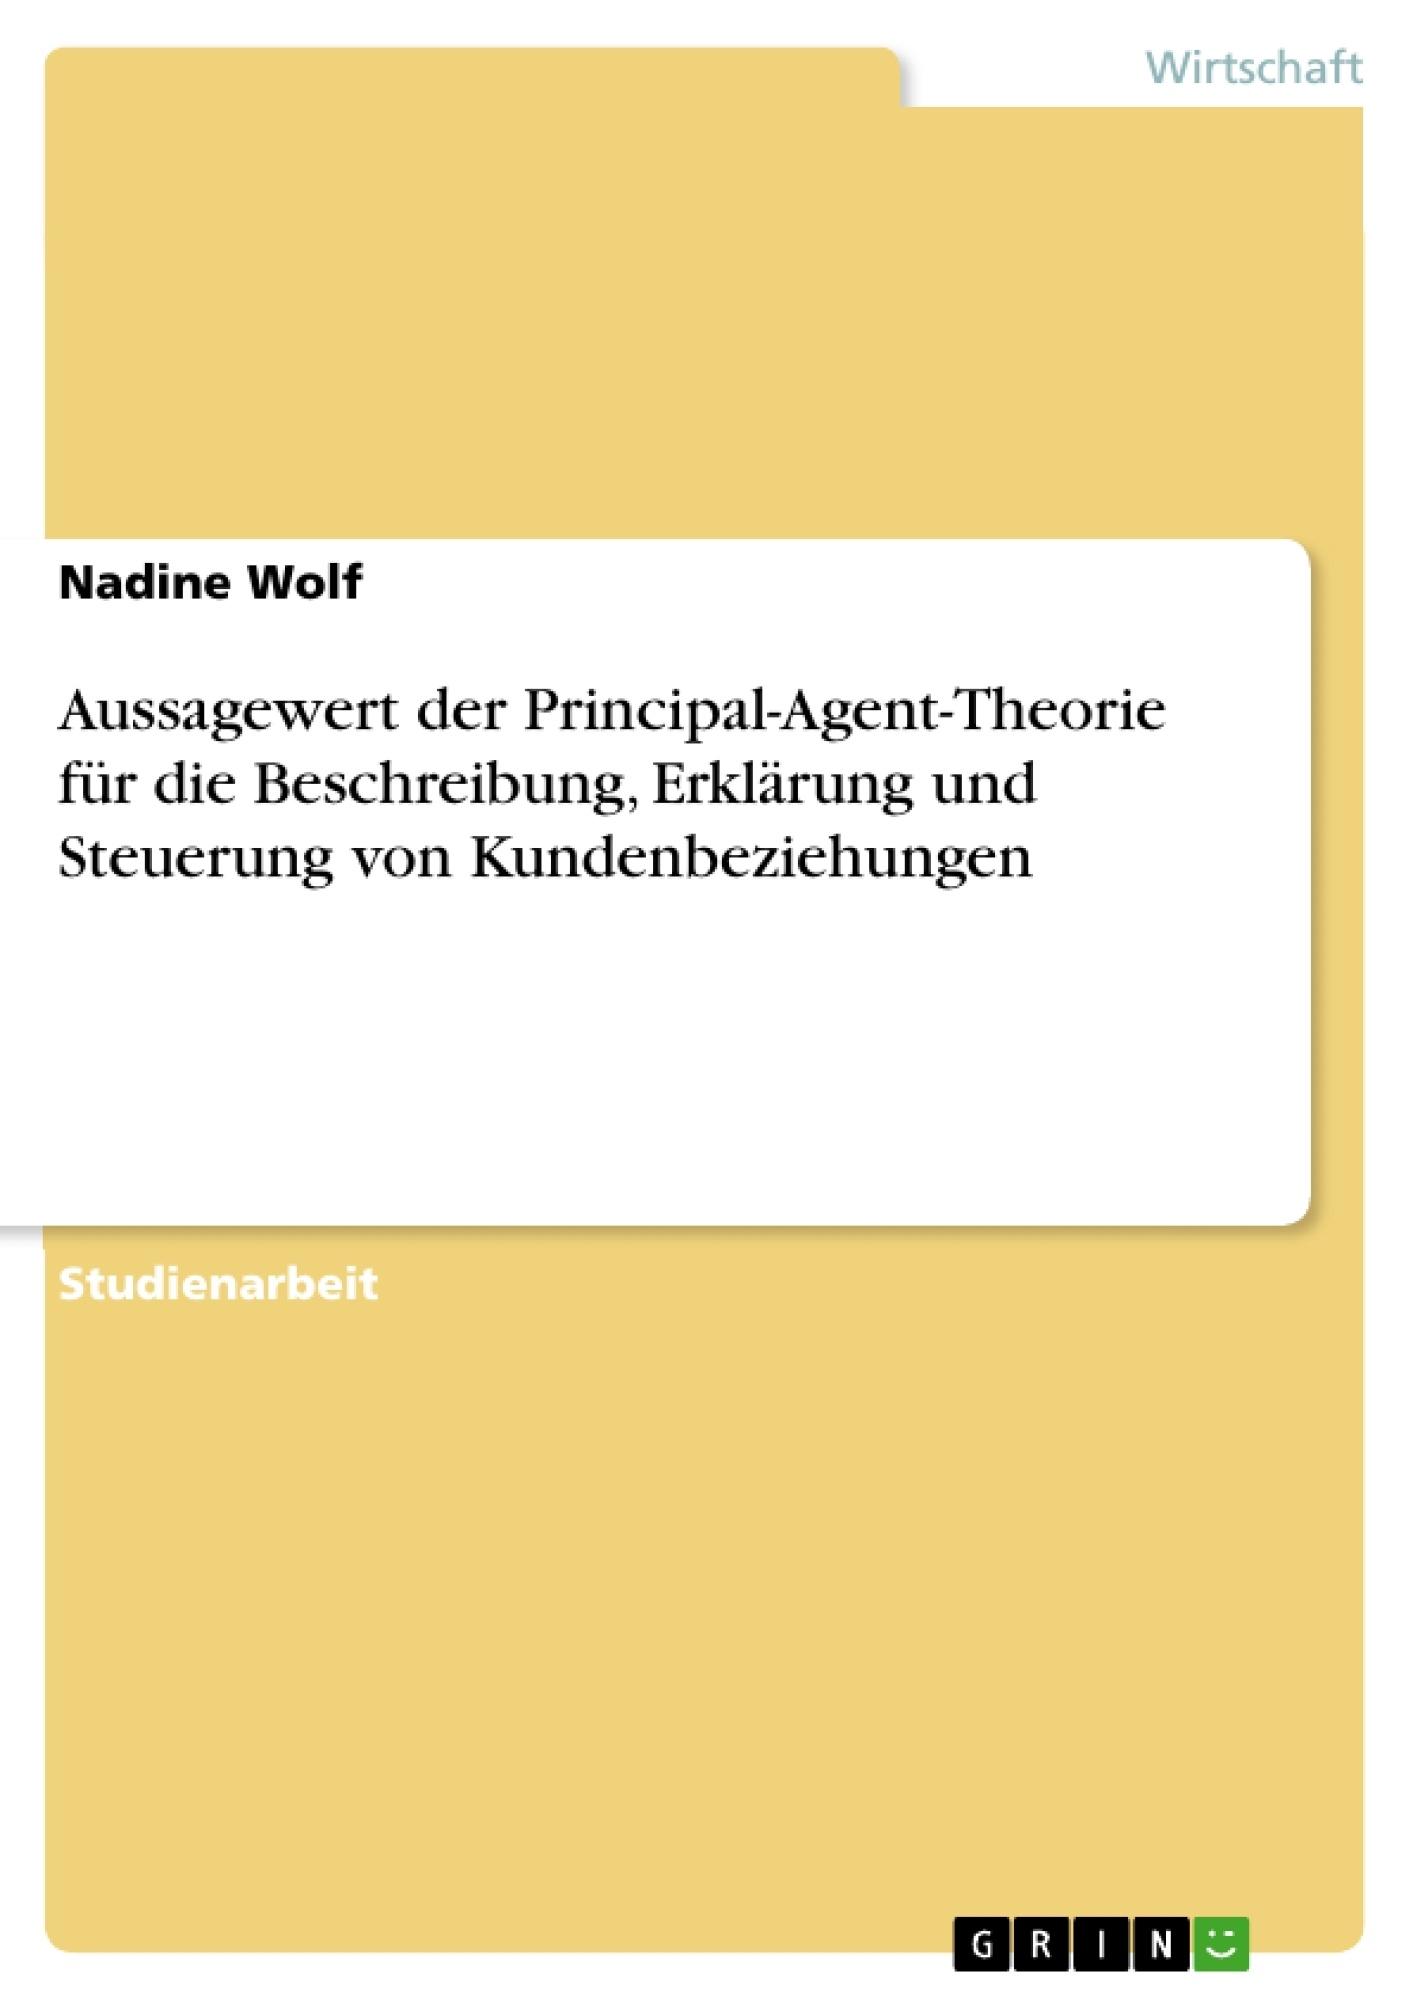 Titel: Aussagewert der Principal-Agent-Theorie für die Beschreibung, Erklärung und Steuerung von Kundenbeziehungen